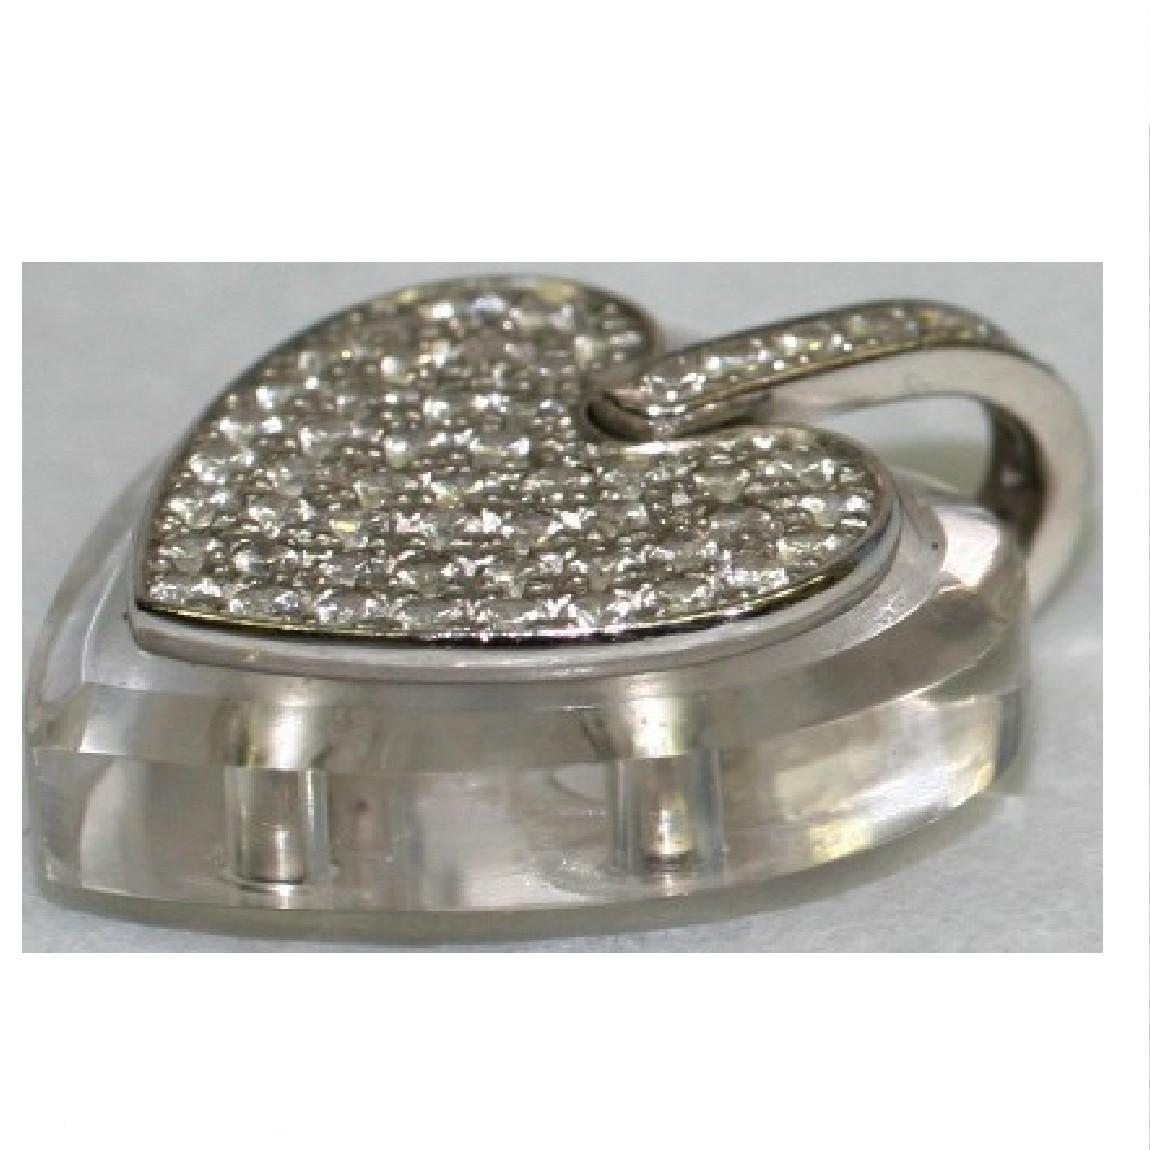 【中古】本物K18WG金無垢素材に合計0,971の沢山のダイヤが埋め込まれているハートの形のアクリル素材のペンダントトップ 重さ8,9g ○S9-20